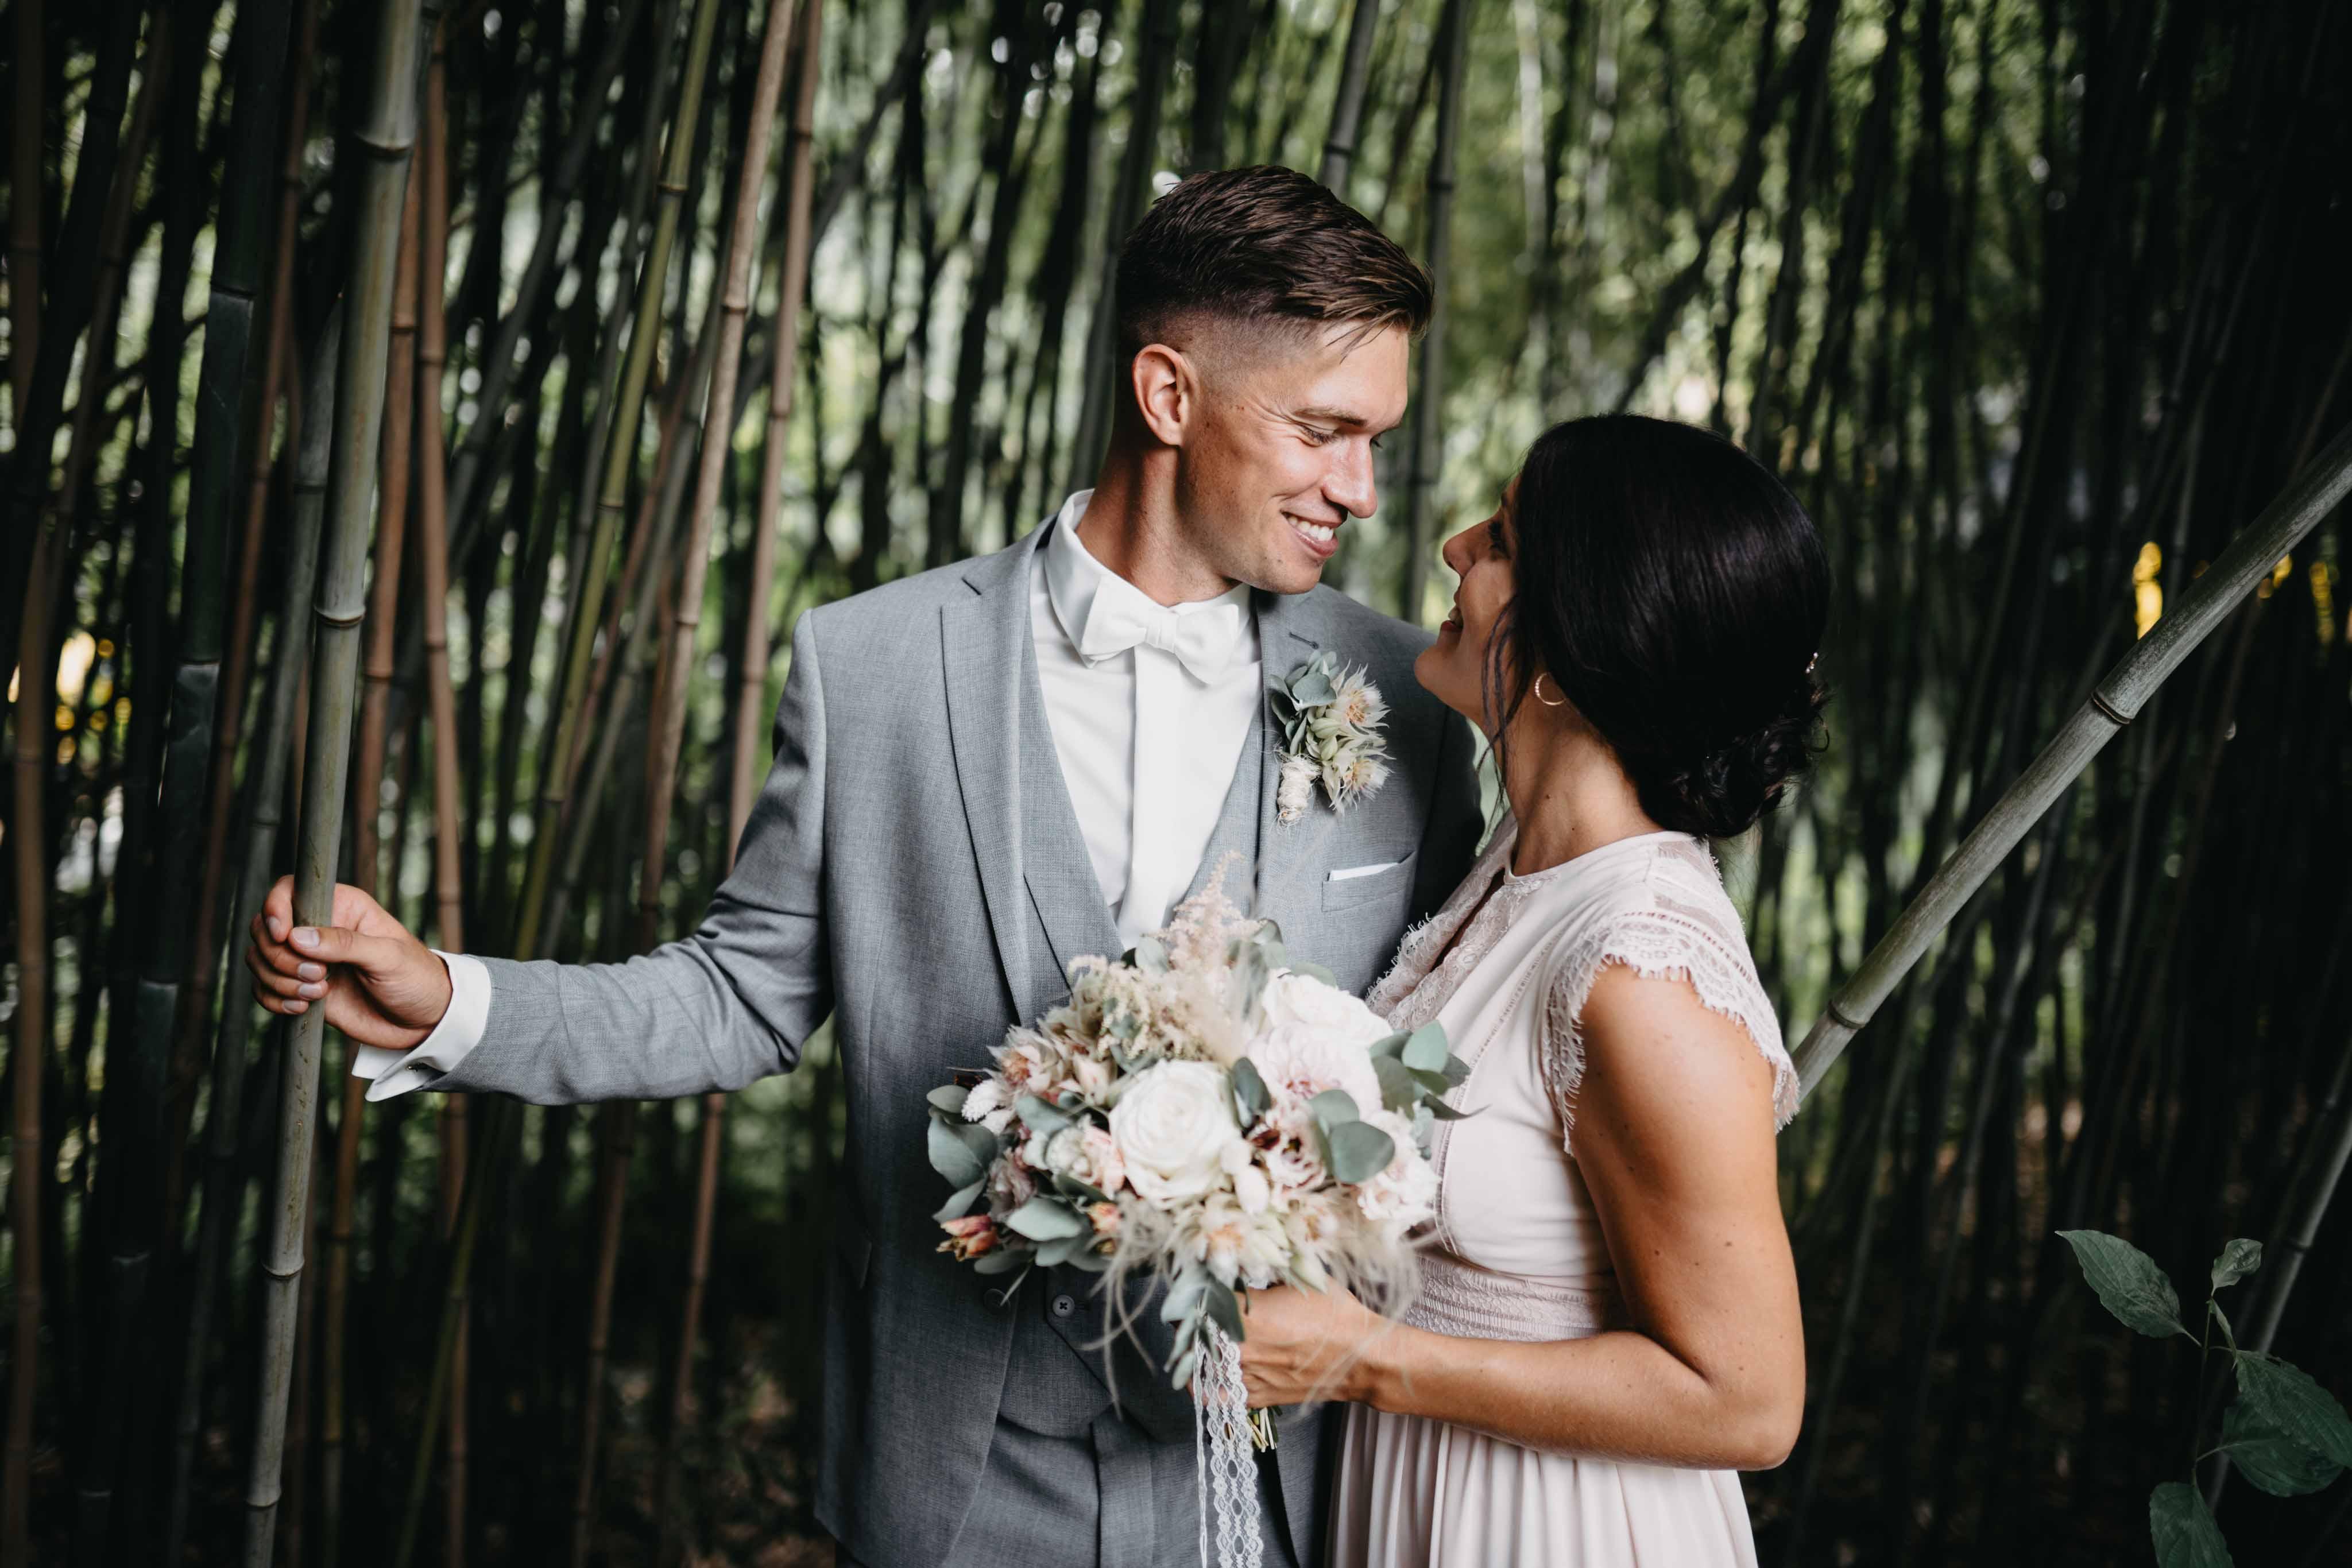 Das Brautpaar steht eng beieinander und ist von Pflanzen umringt.